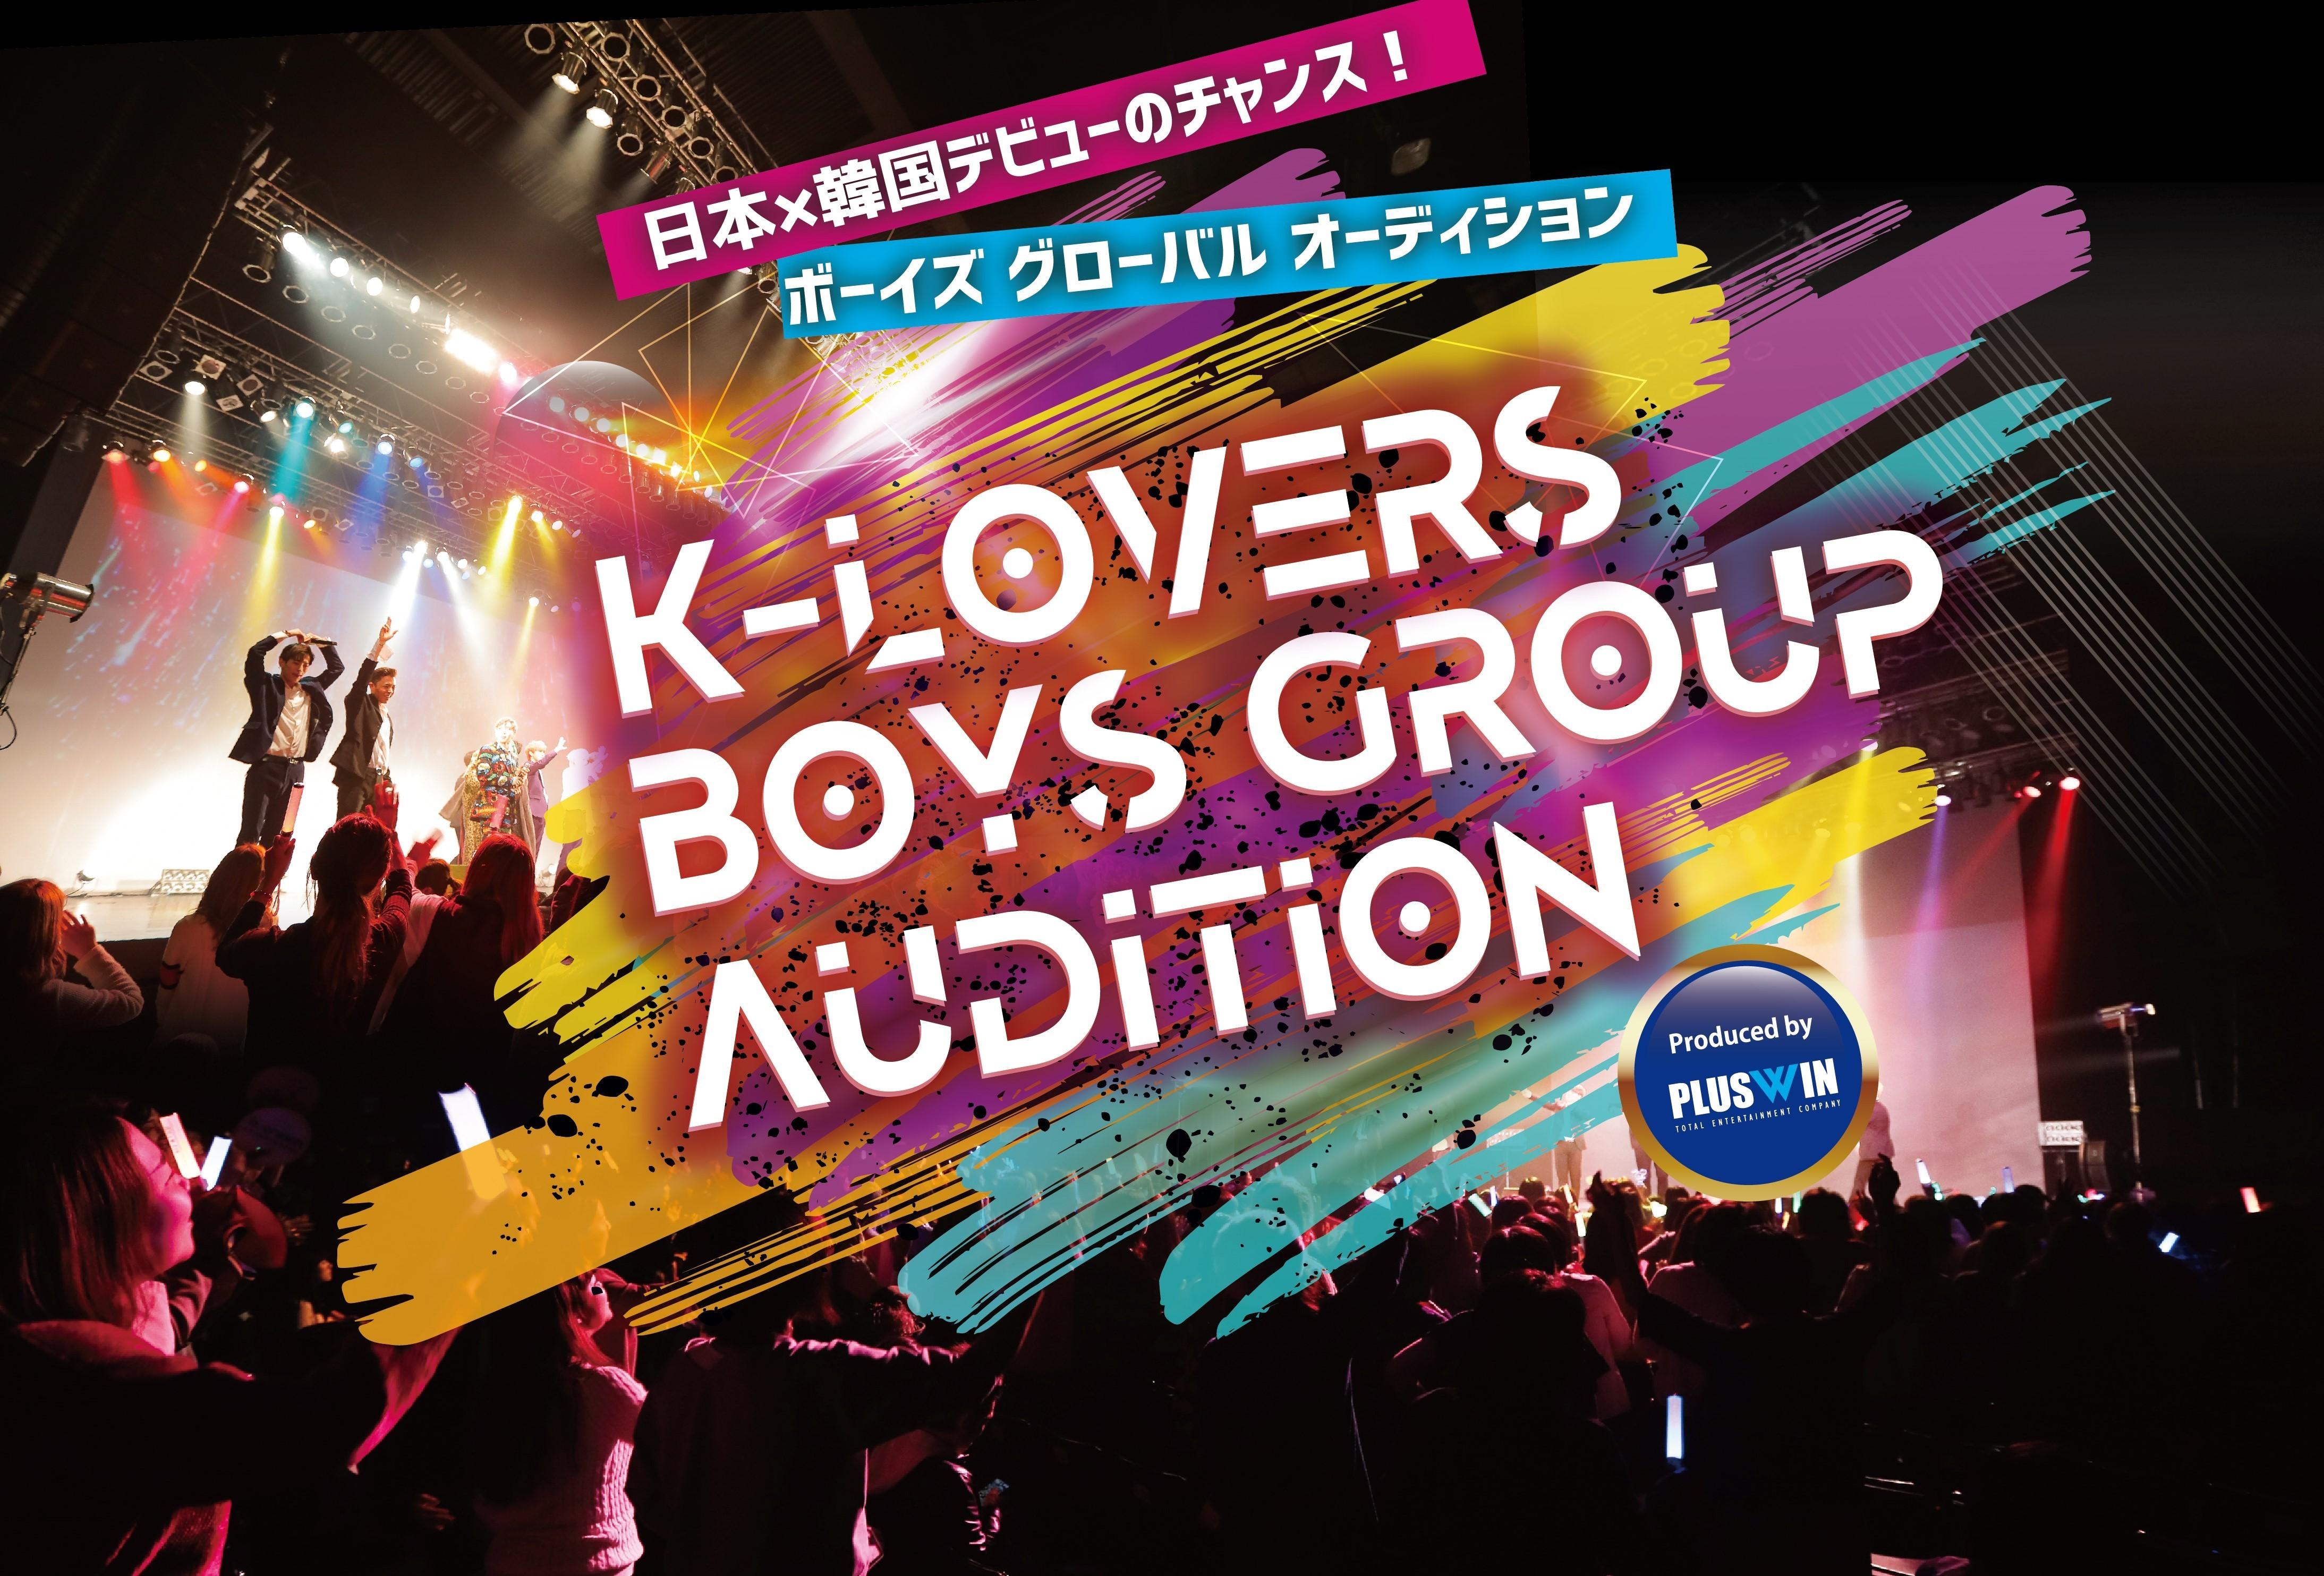 『K-LOVERSボーイズグループオーディション』を8月8日(土)~9月18日(金)に開催! | 朝日新聞デジタル&M(アンド・エム)